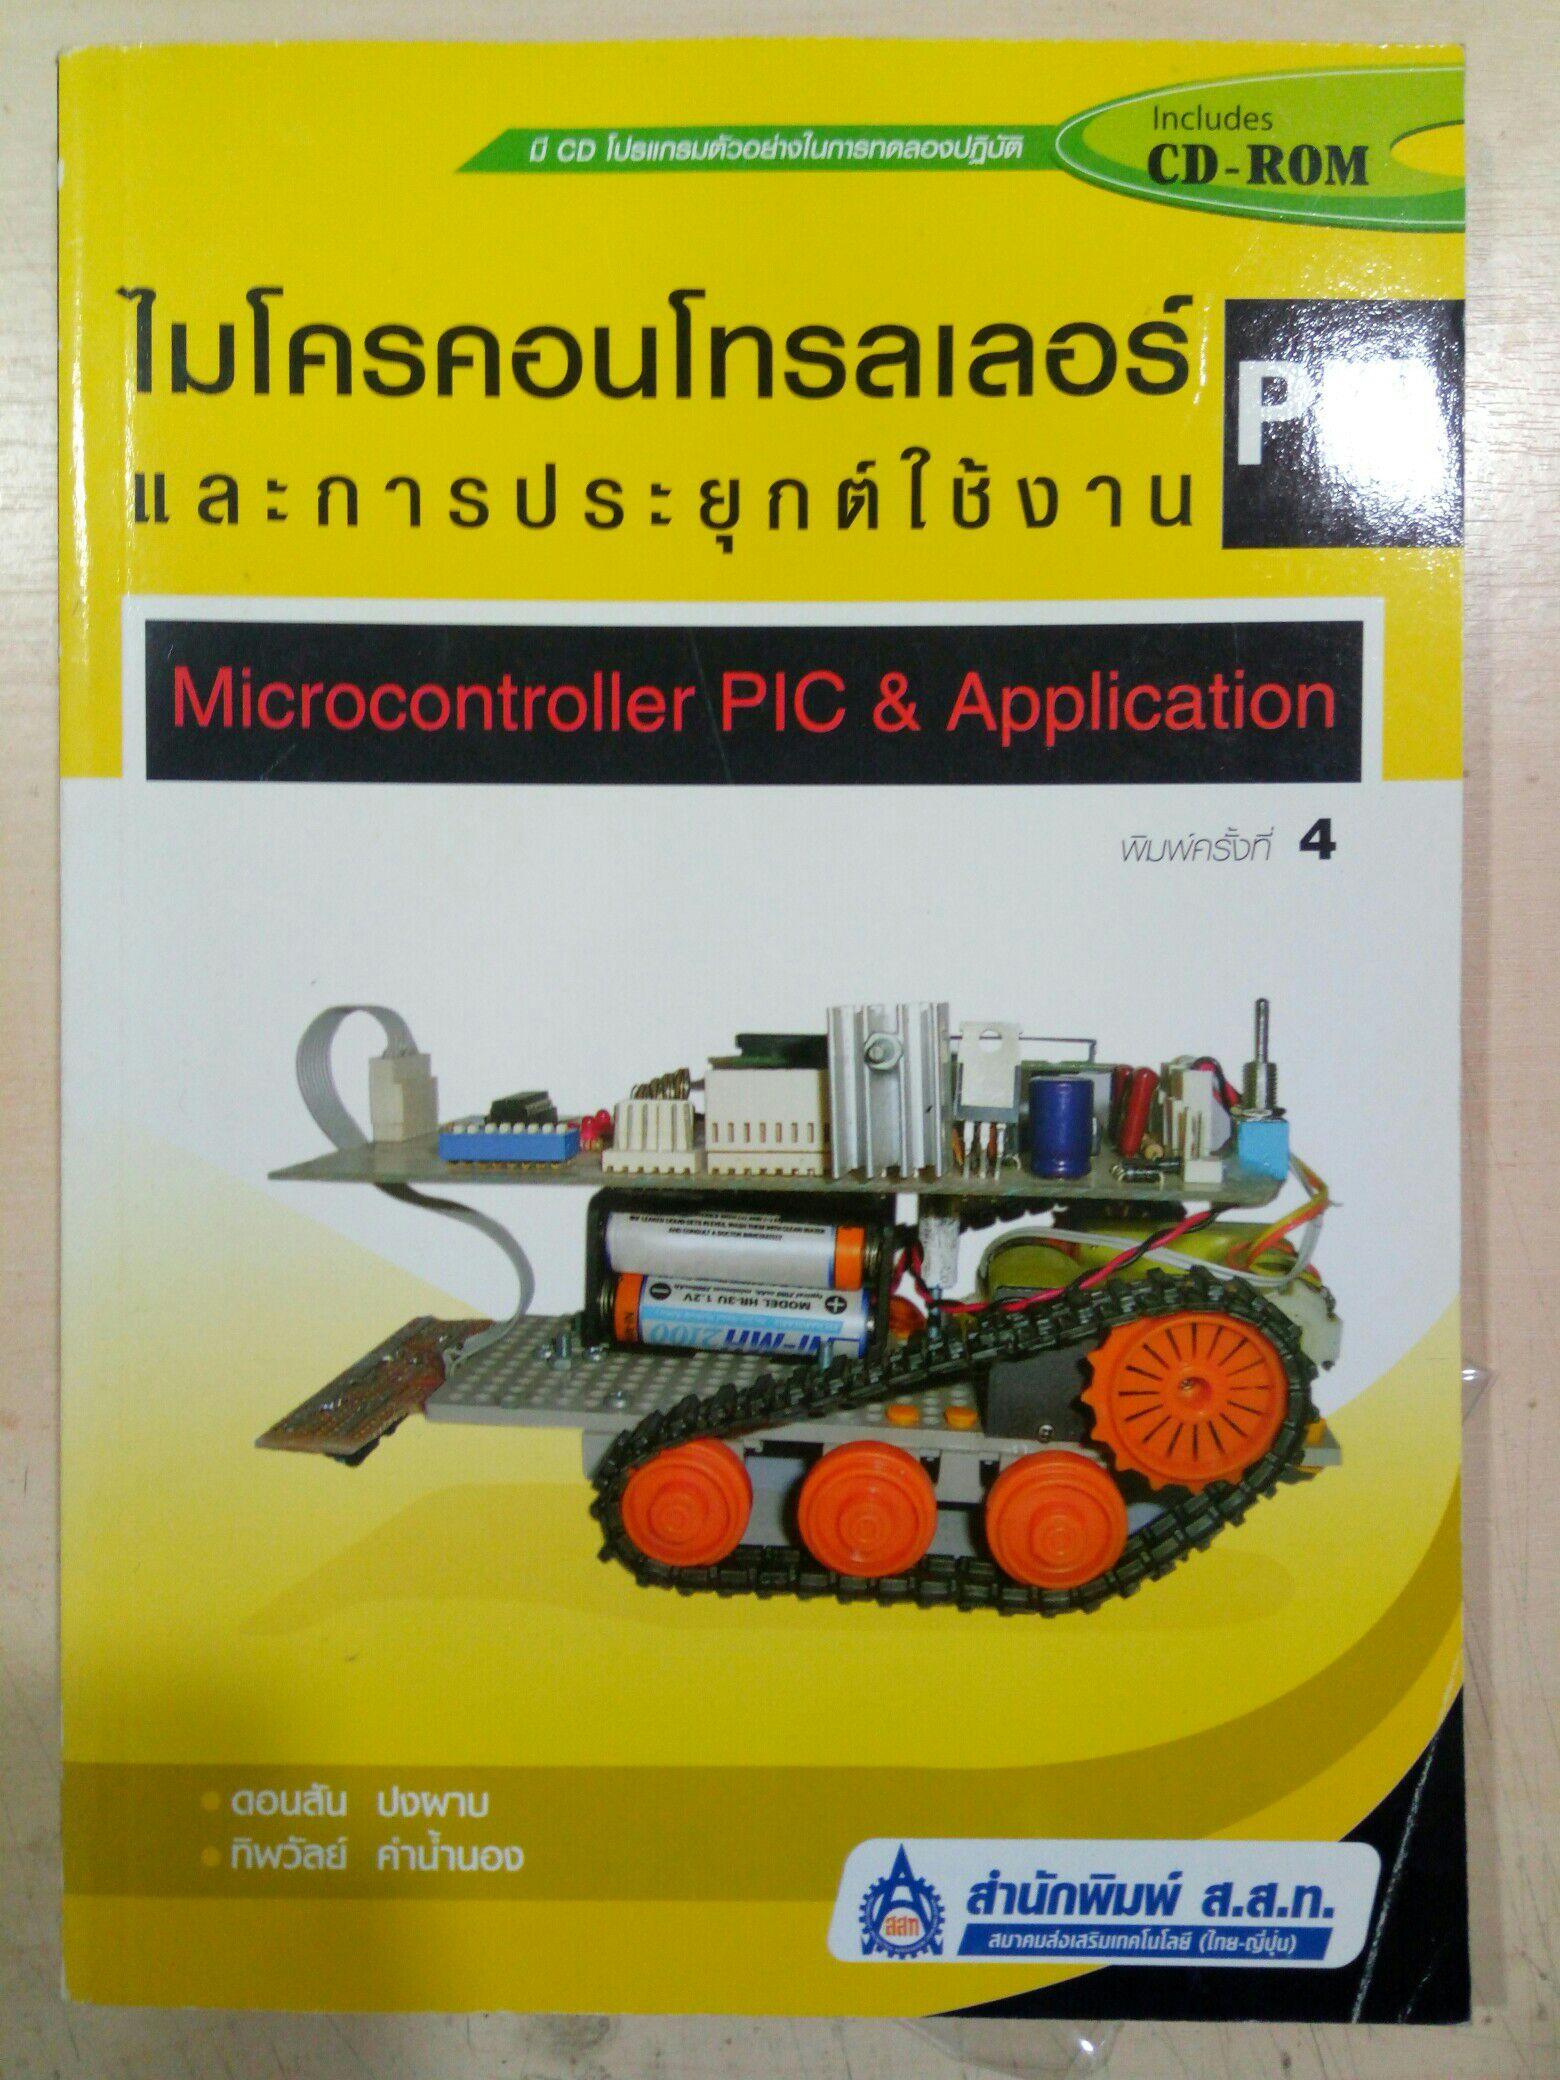 หนังสือไมโครคอนโทรลเลอร์และการประยุกต์ใช้งานPIC